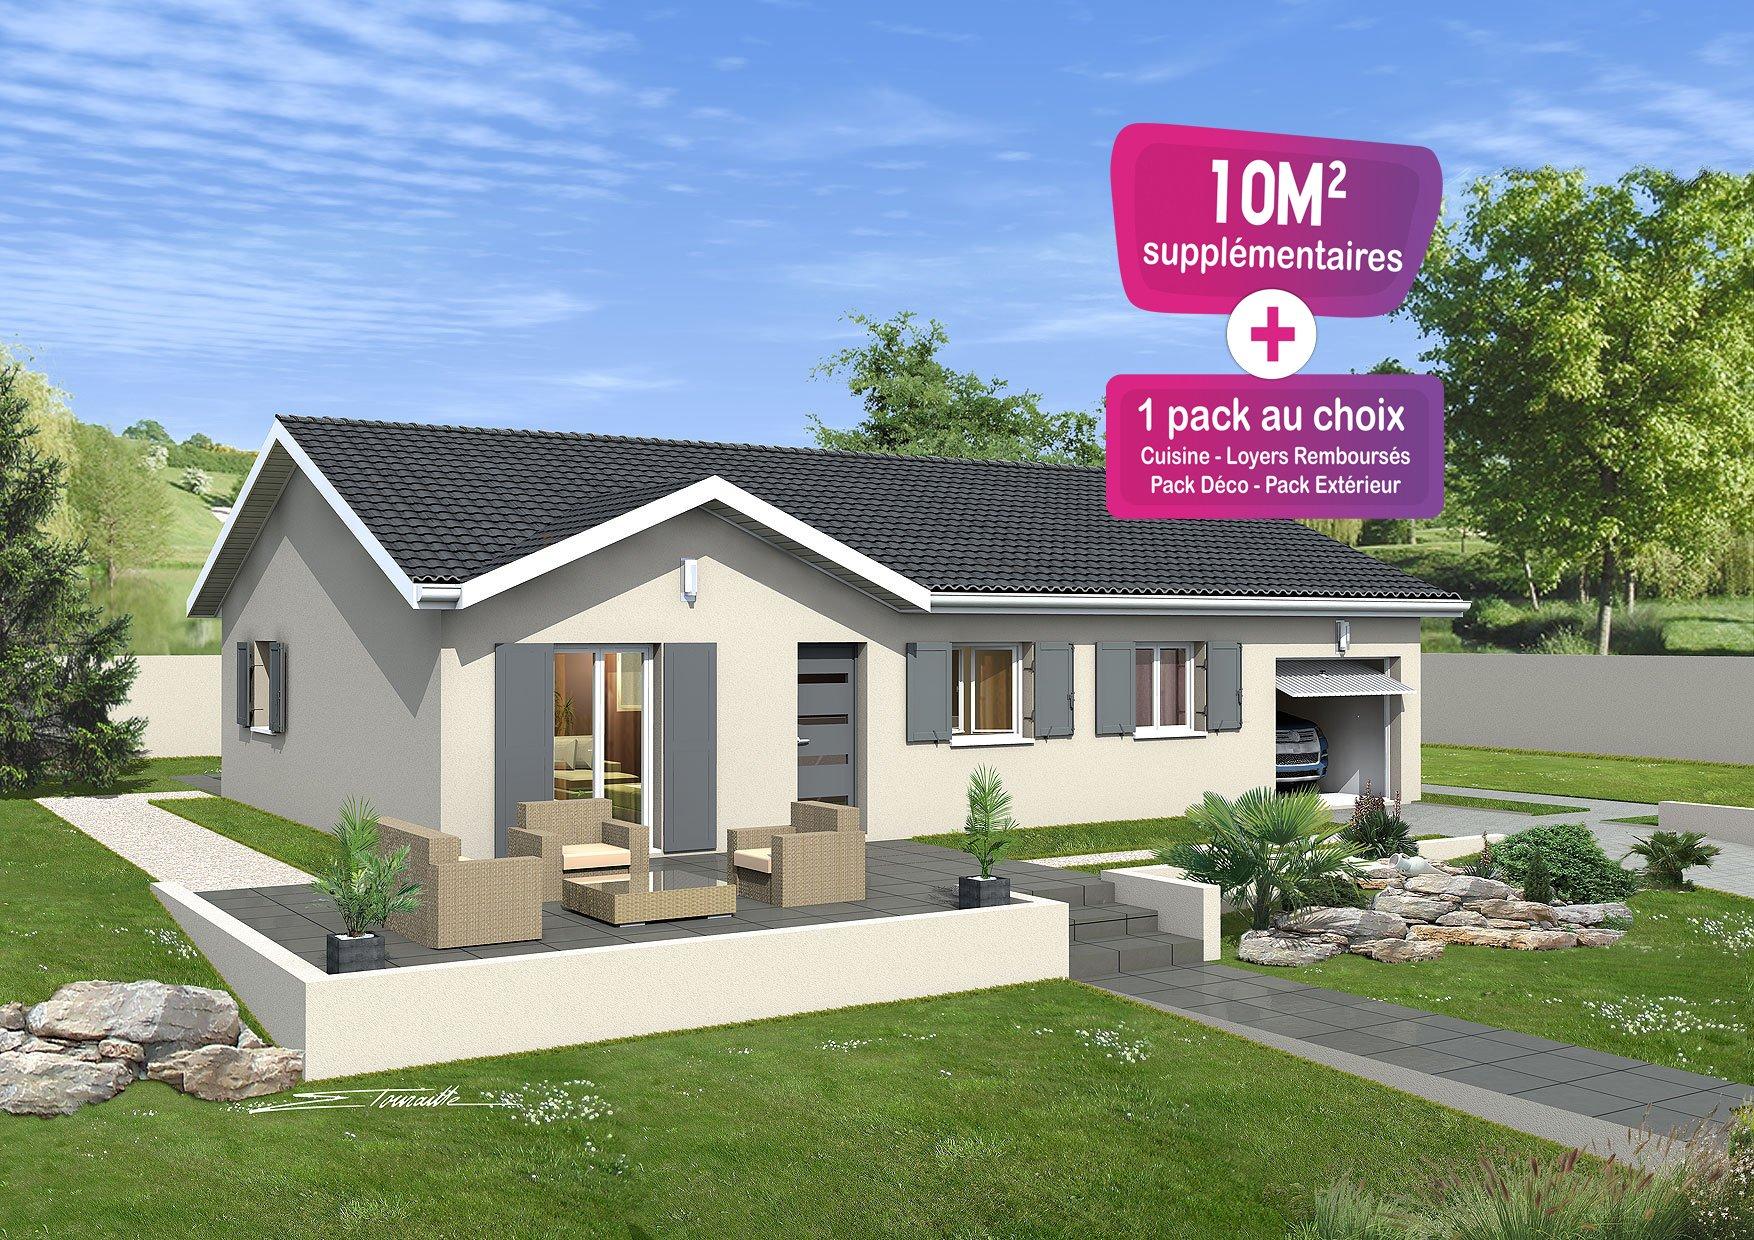 Maisons + Terrains du constructeur MAISONS PUNCH • 89 m² • PRISSE